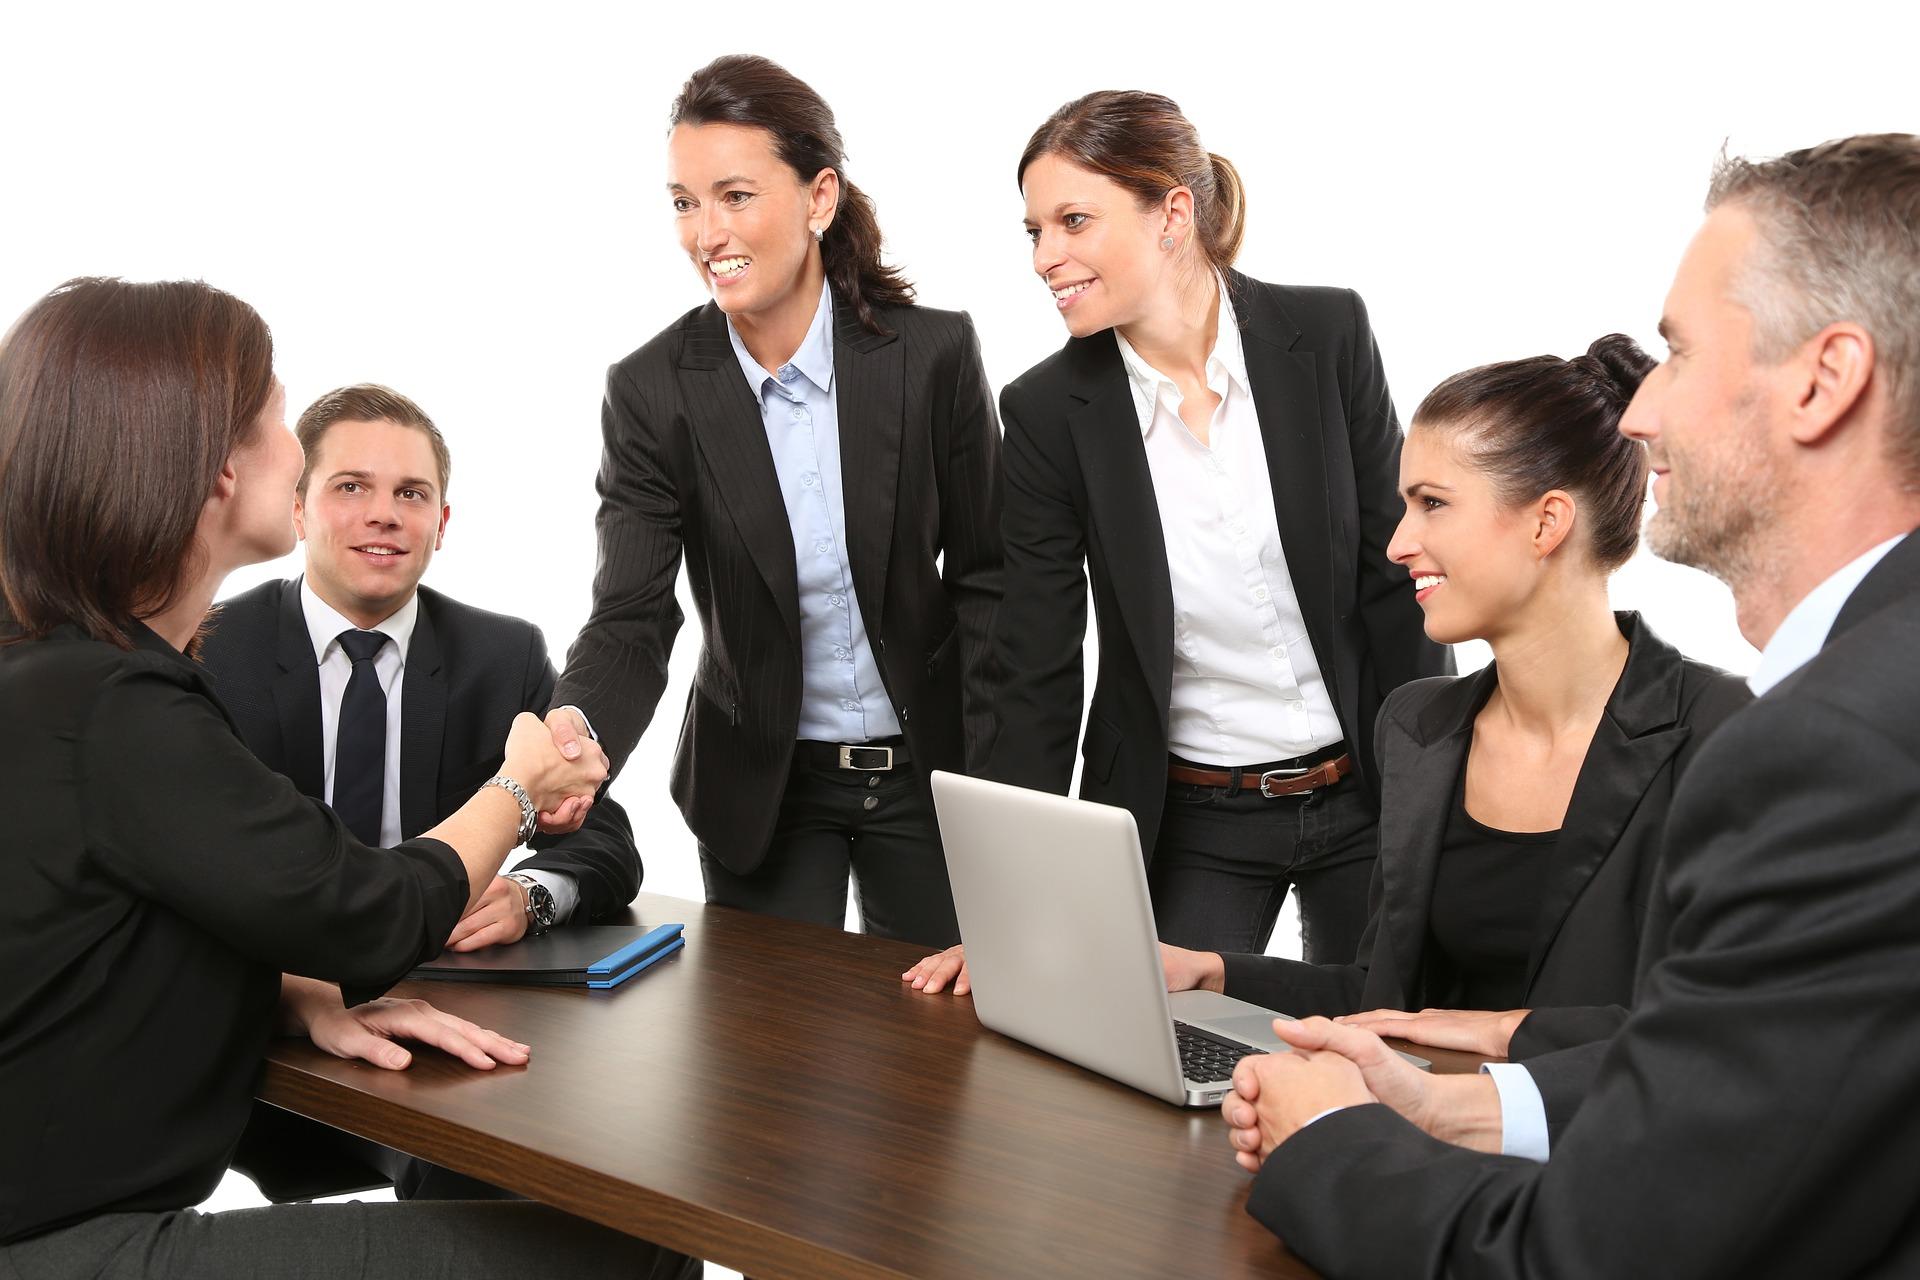 Официальный сайт компании и корпоративный стиль офиса